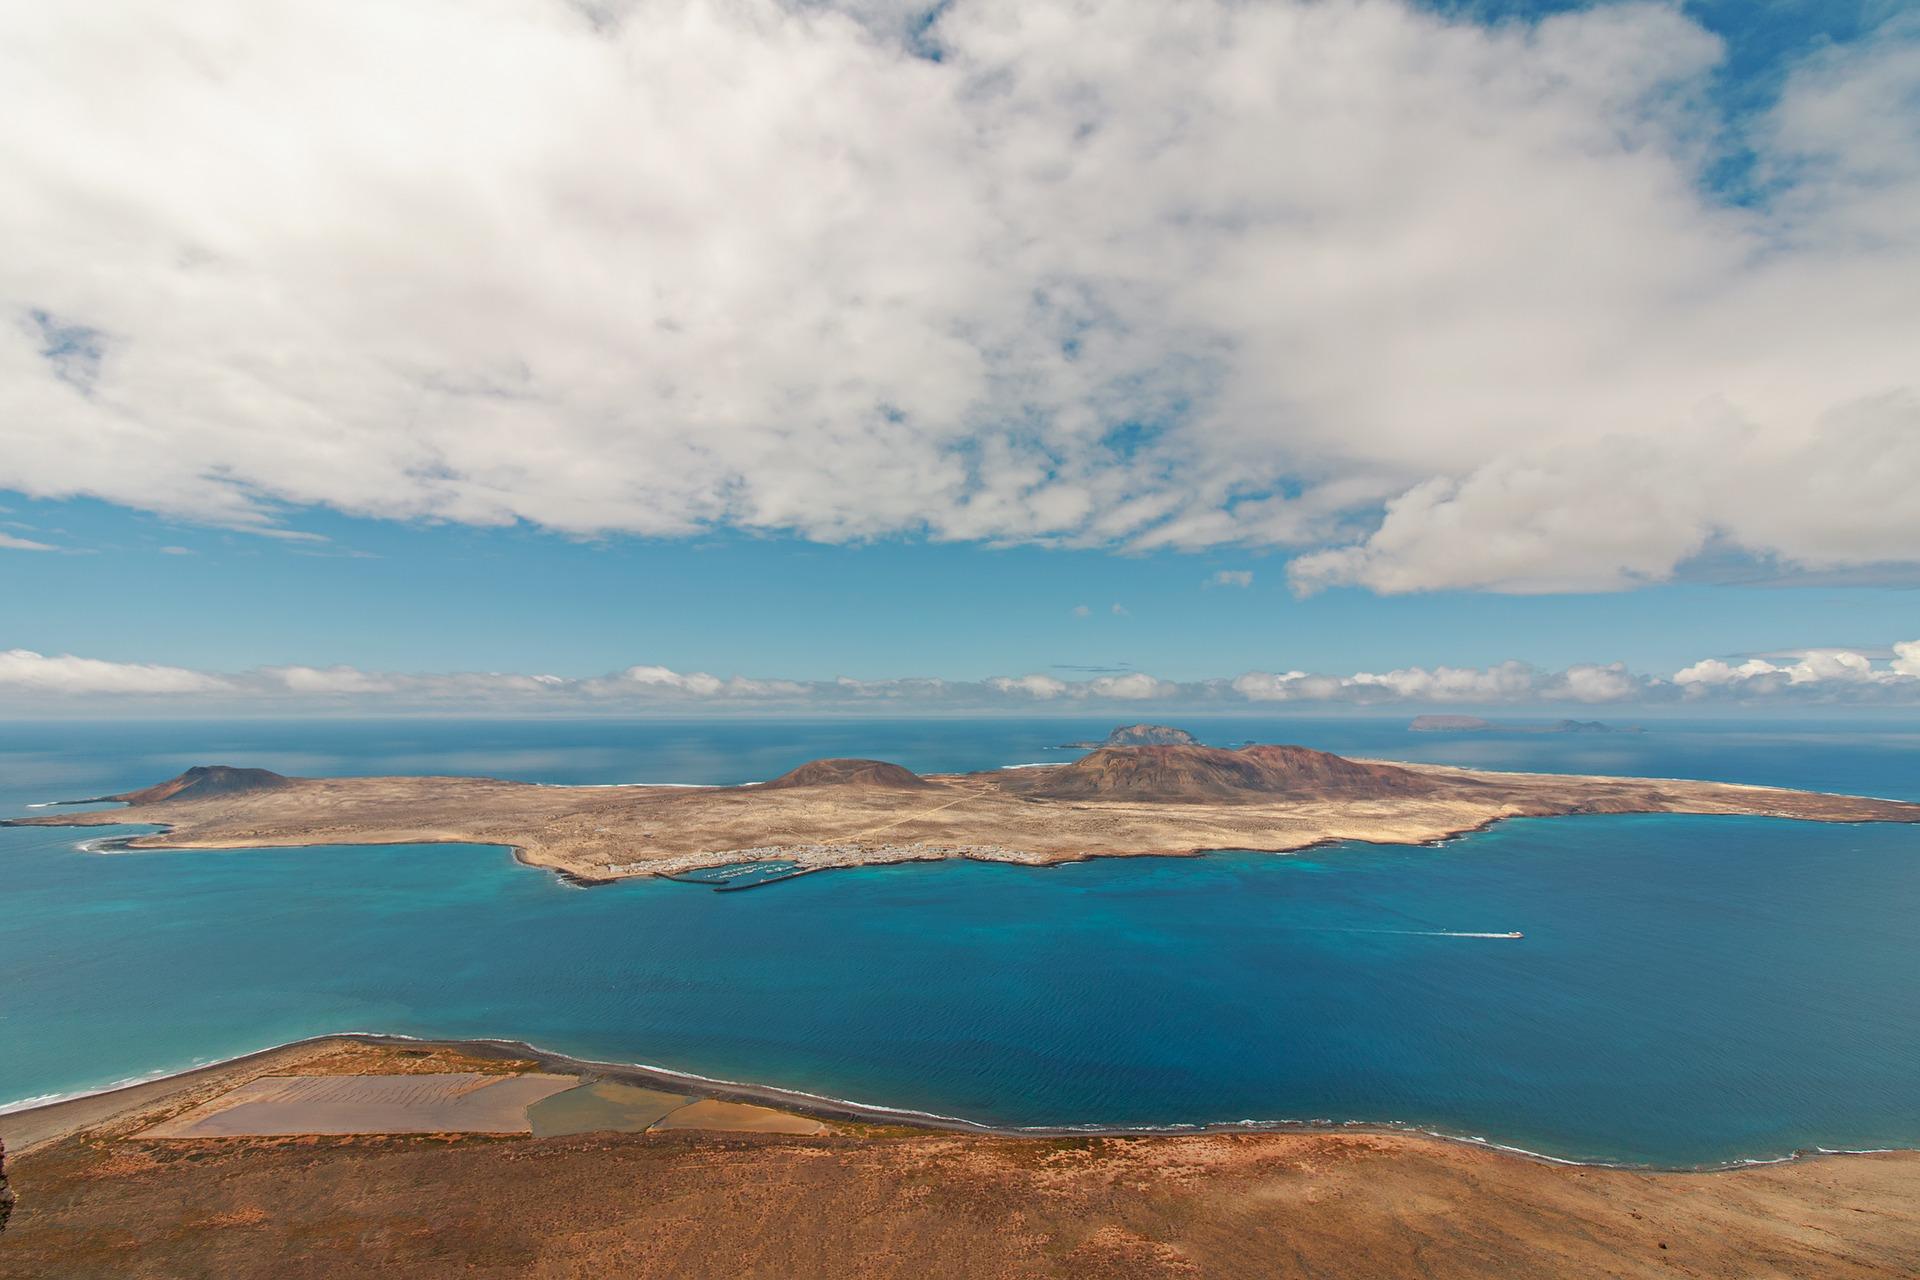 La Graciosa Insel Meer